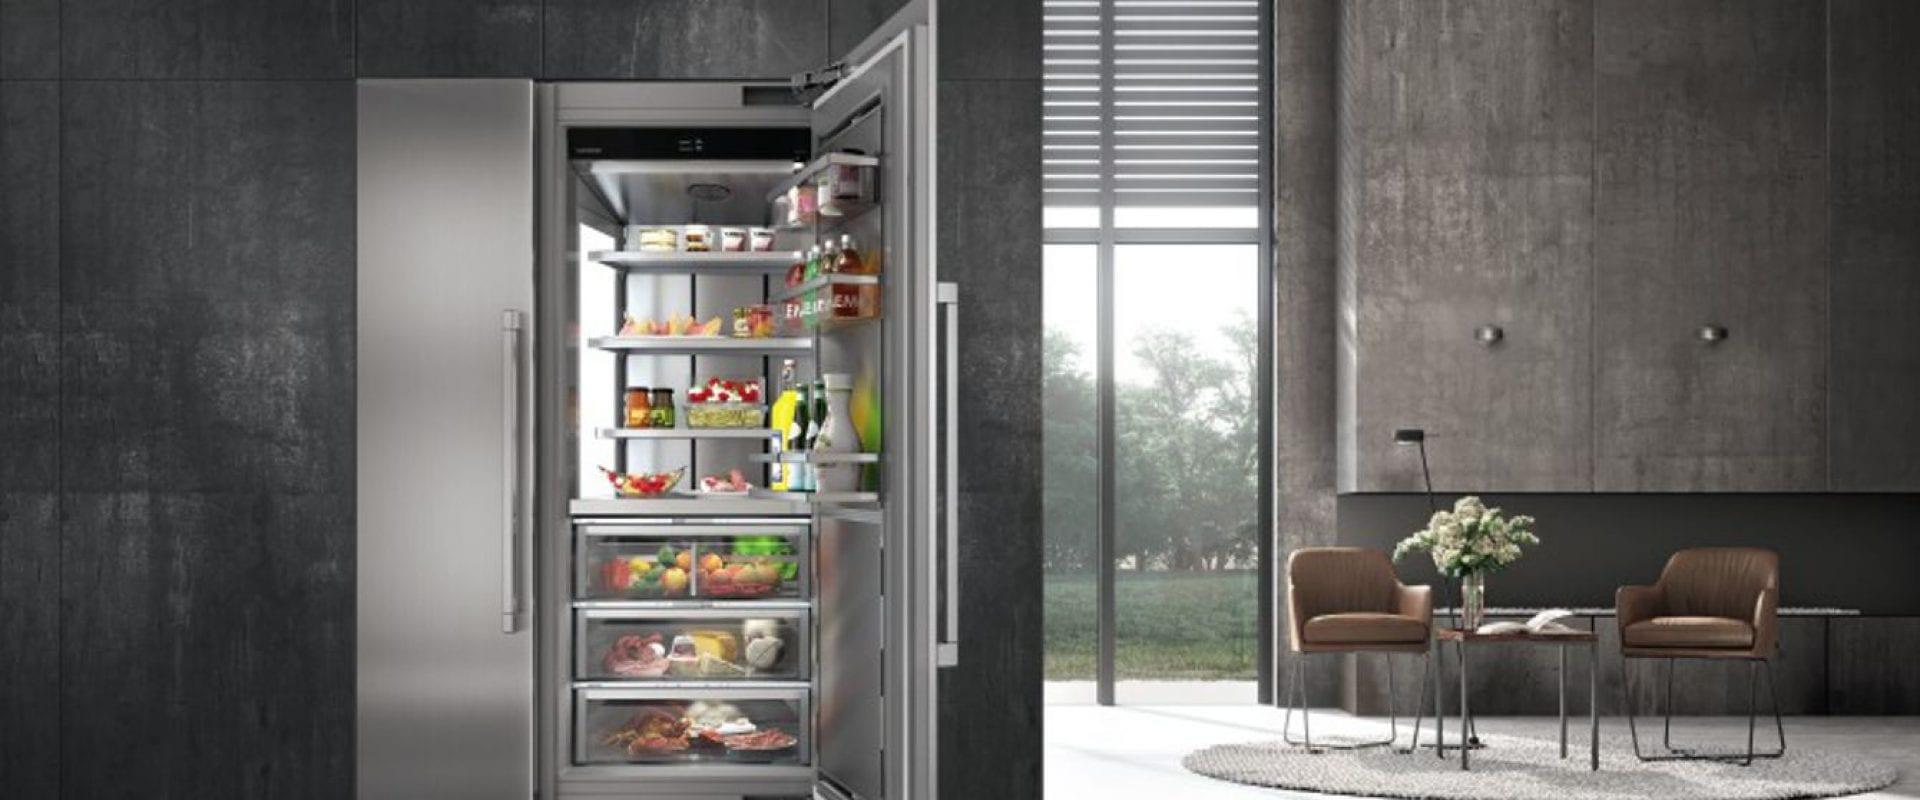 635Vai var izmantot ledusskapi neapkurināmā telpā?